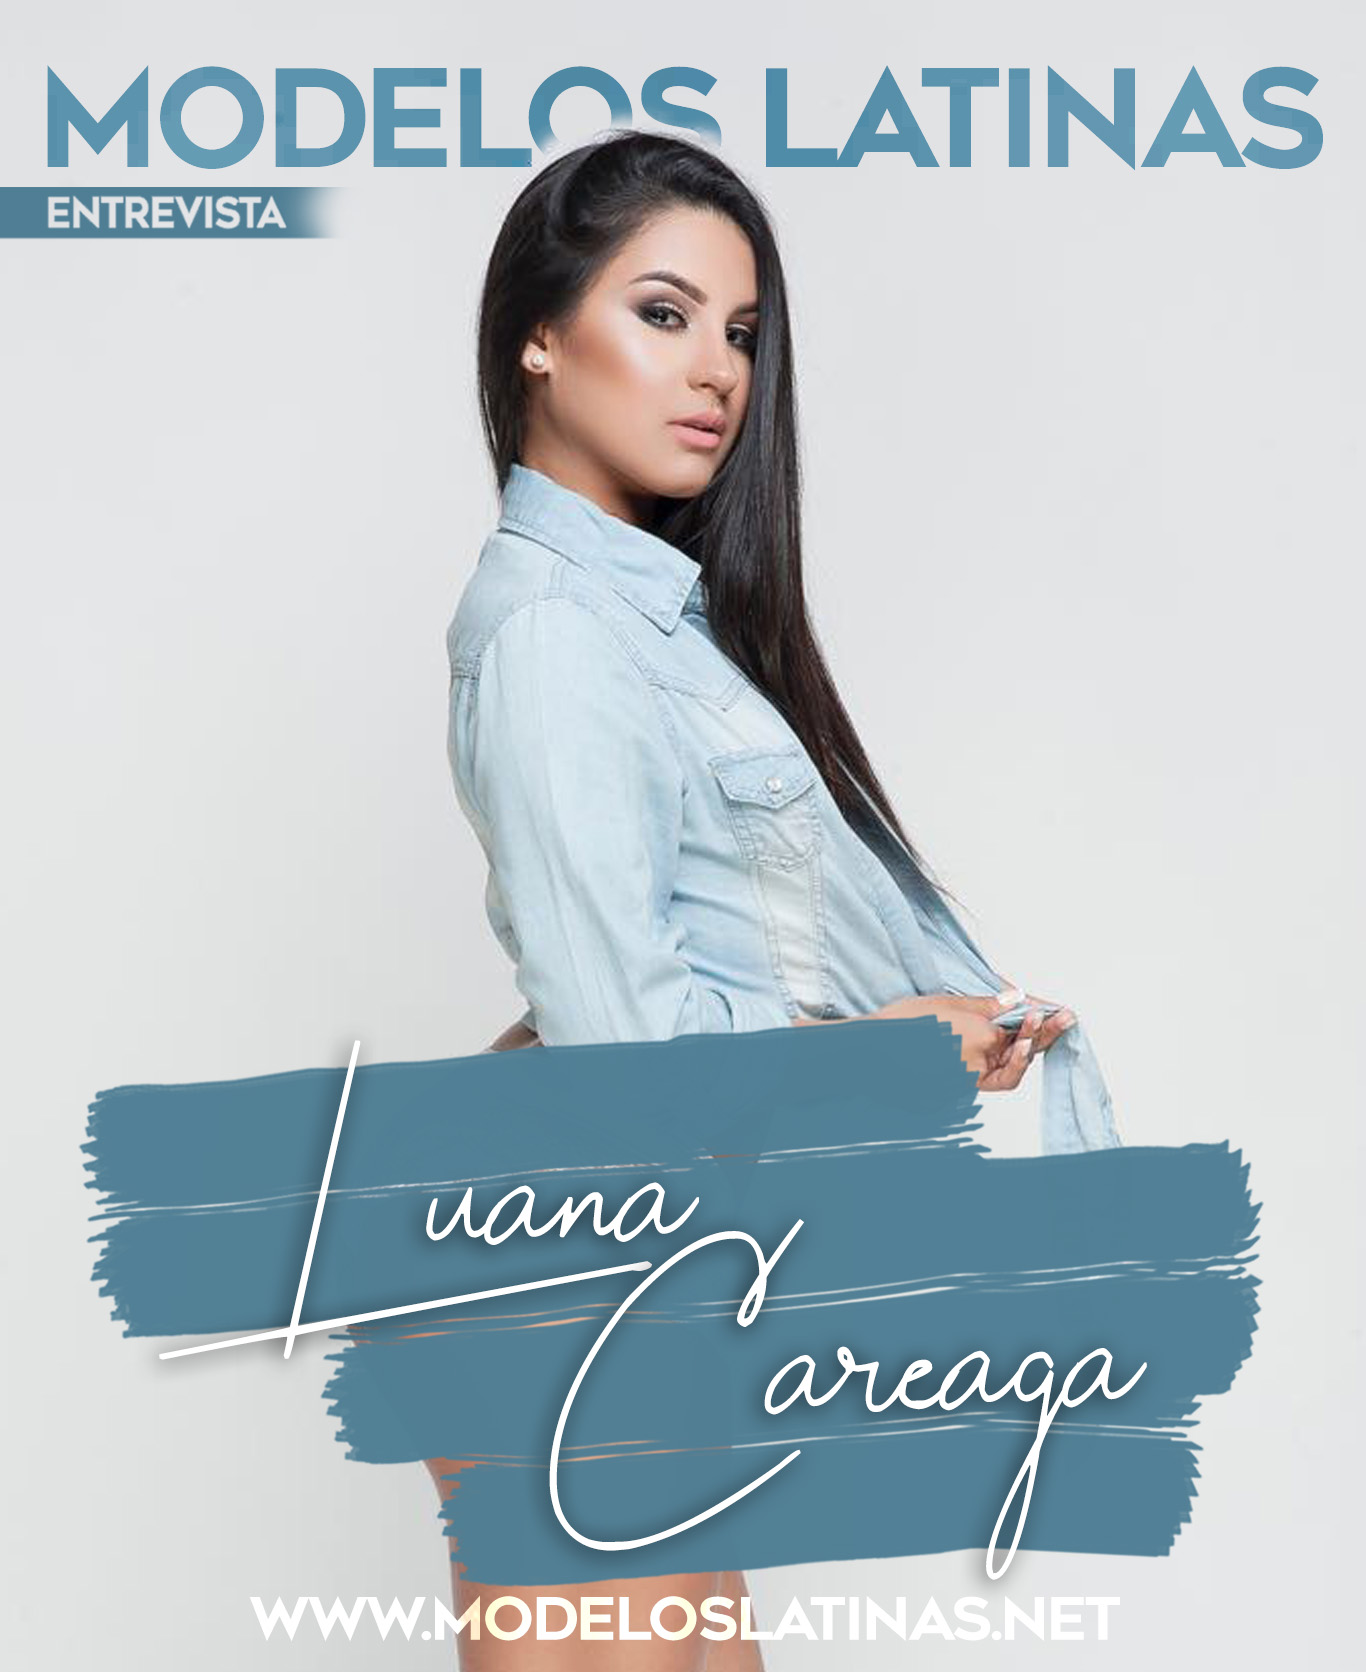 Luana Careaga